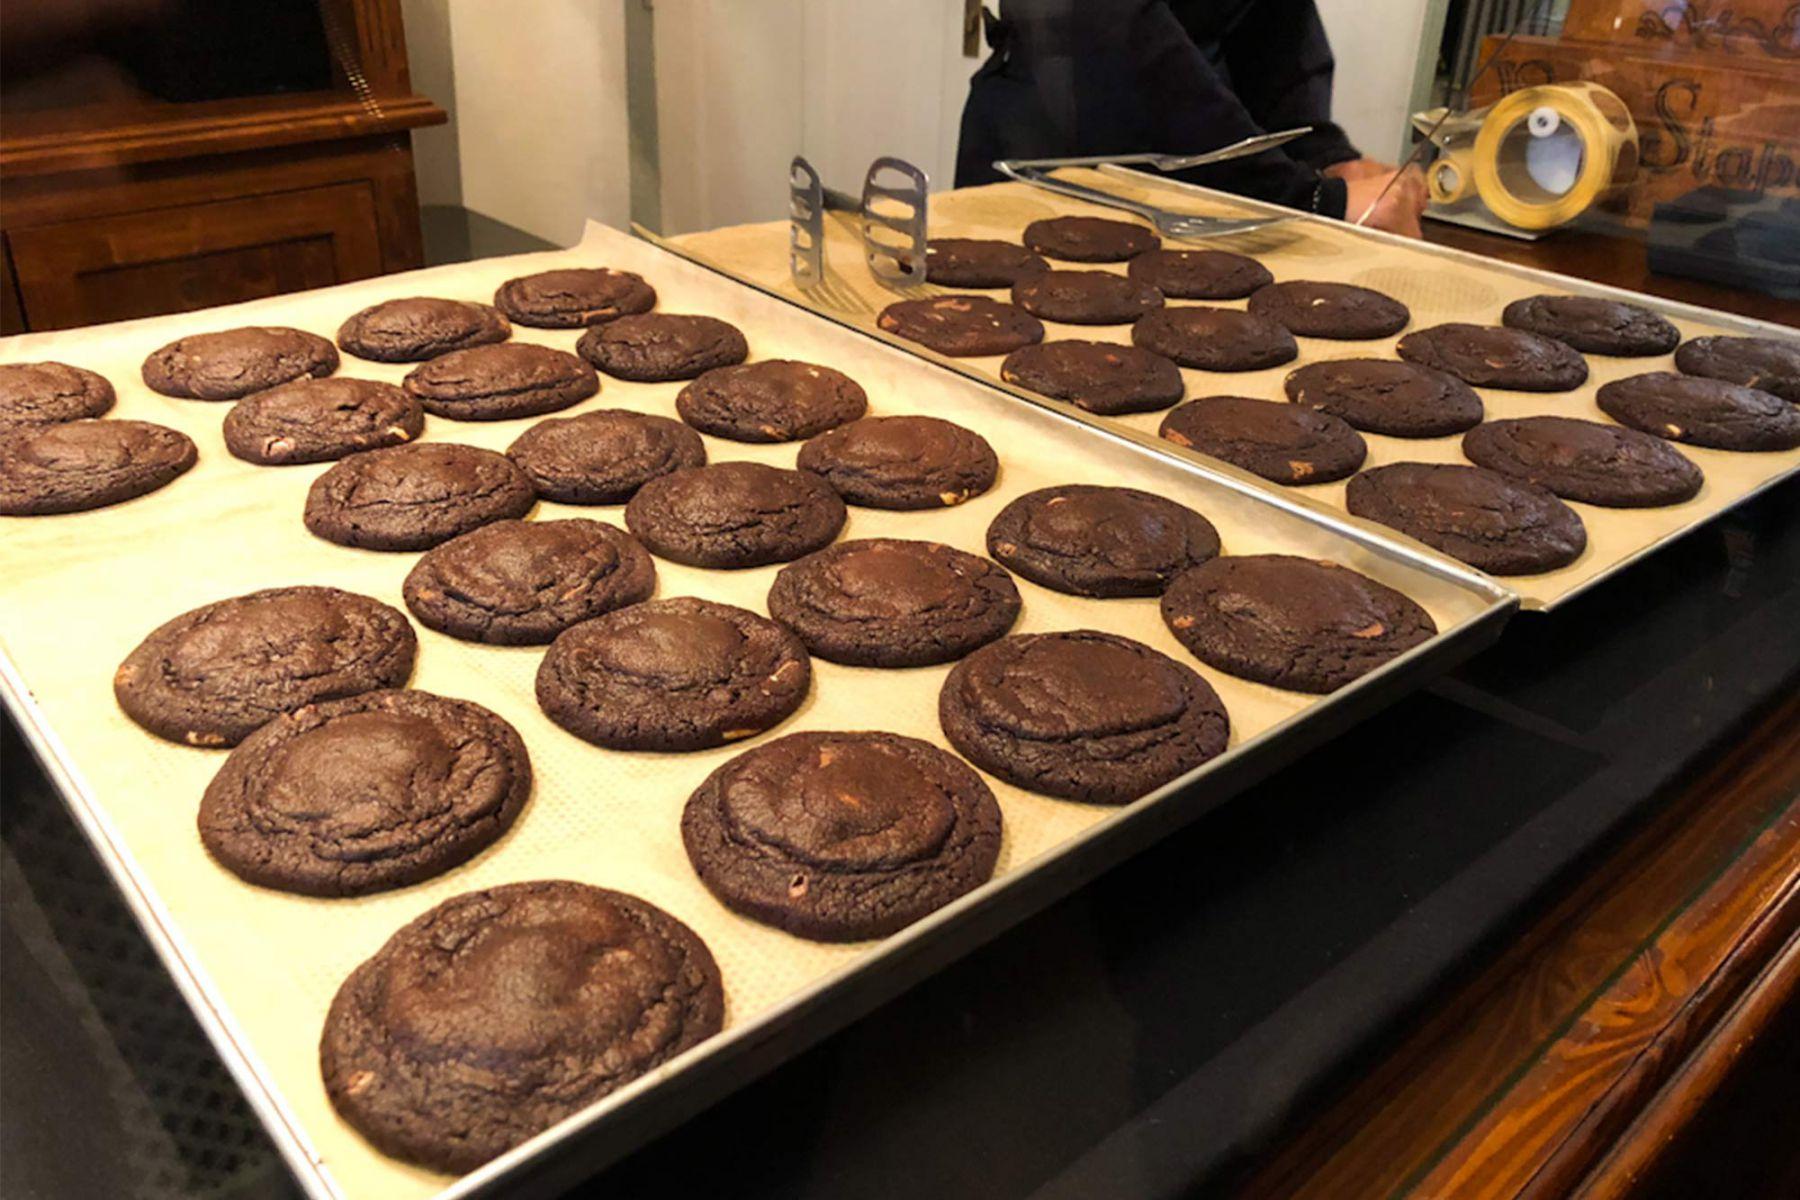 De heerlijke chocolade koeken van Van Stapele